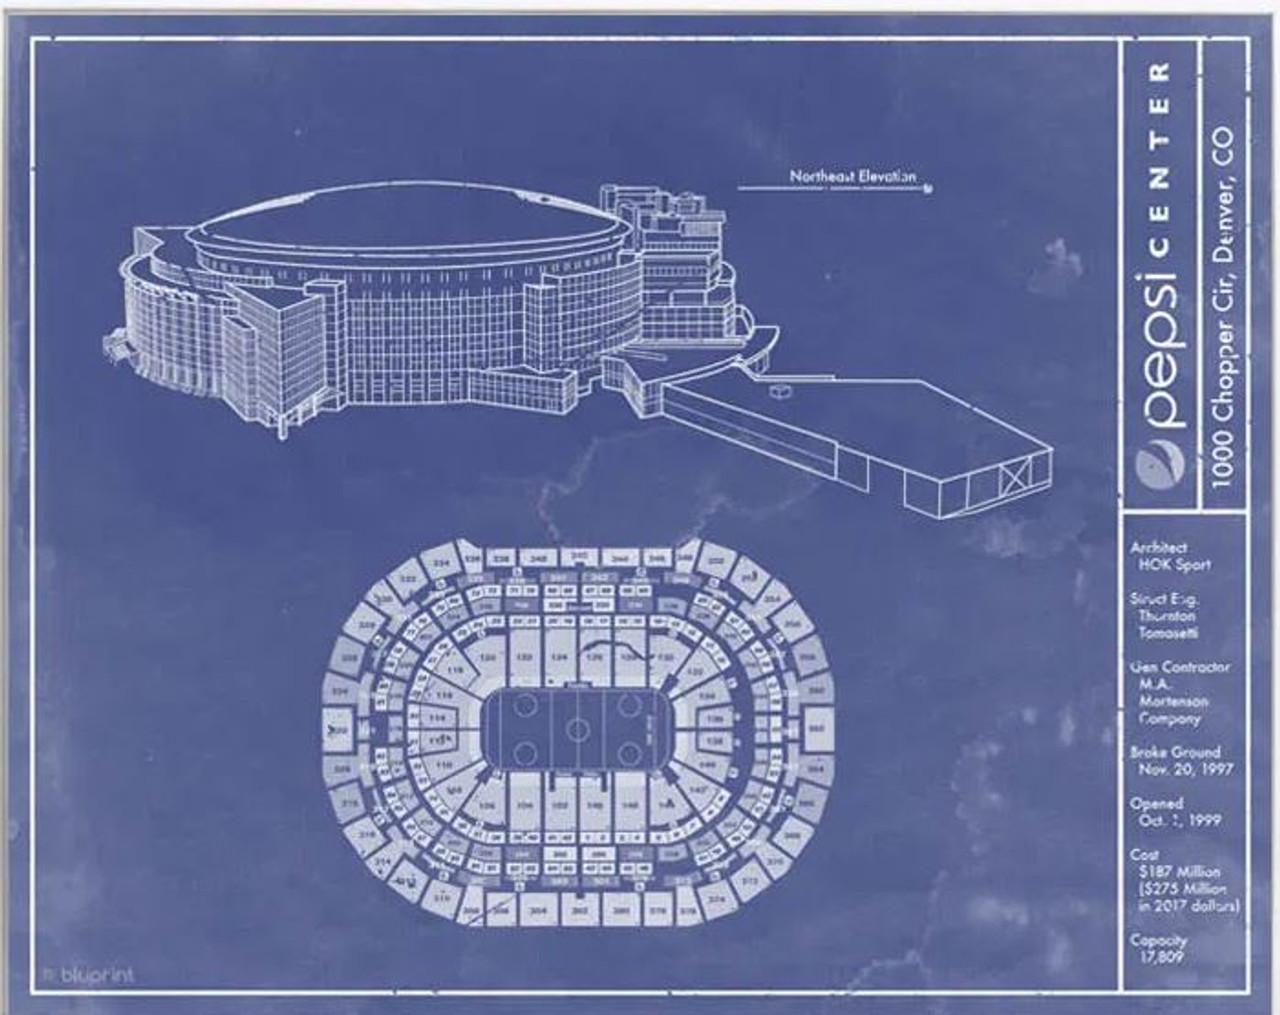 Pepsi Center - Colorado Avalanche Blueprint Poster